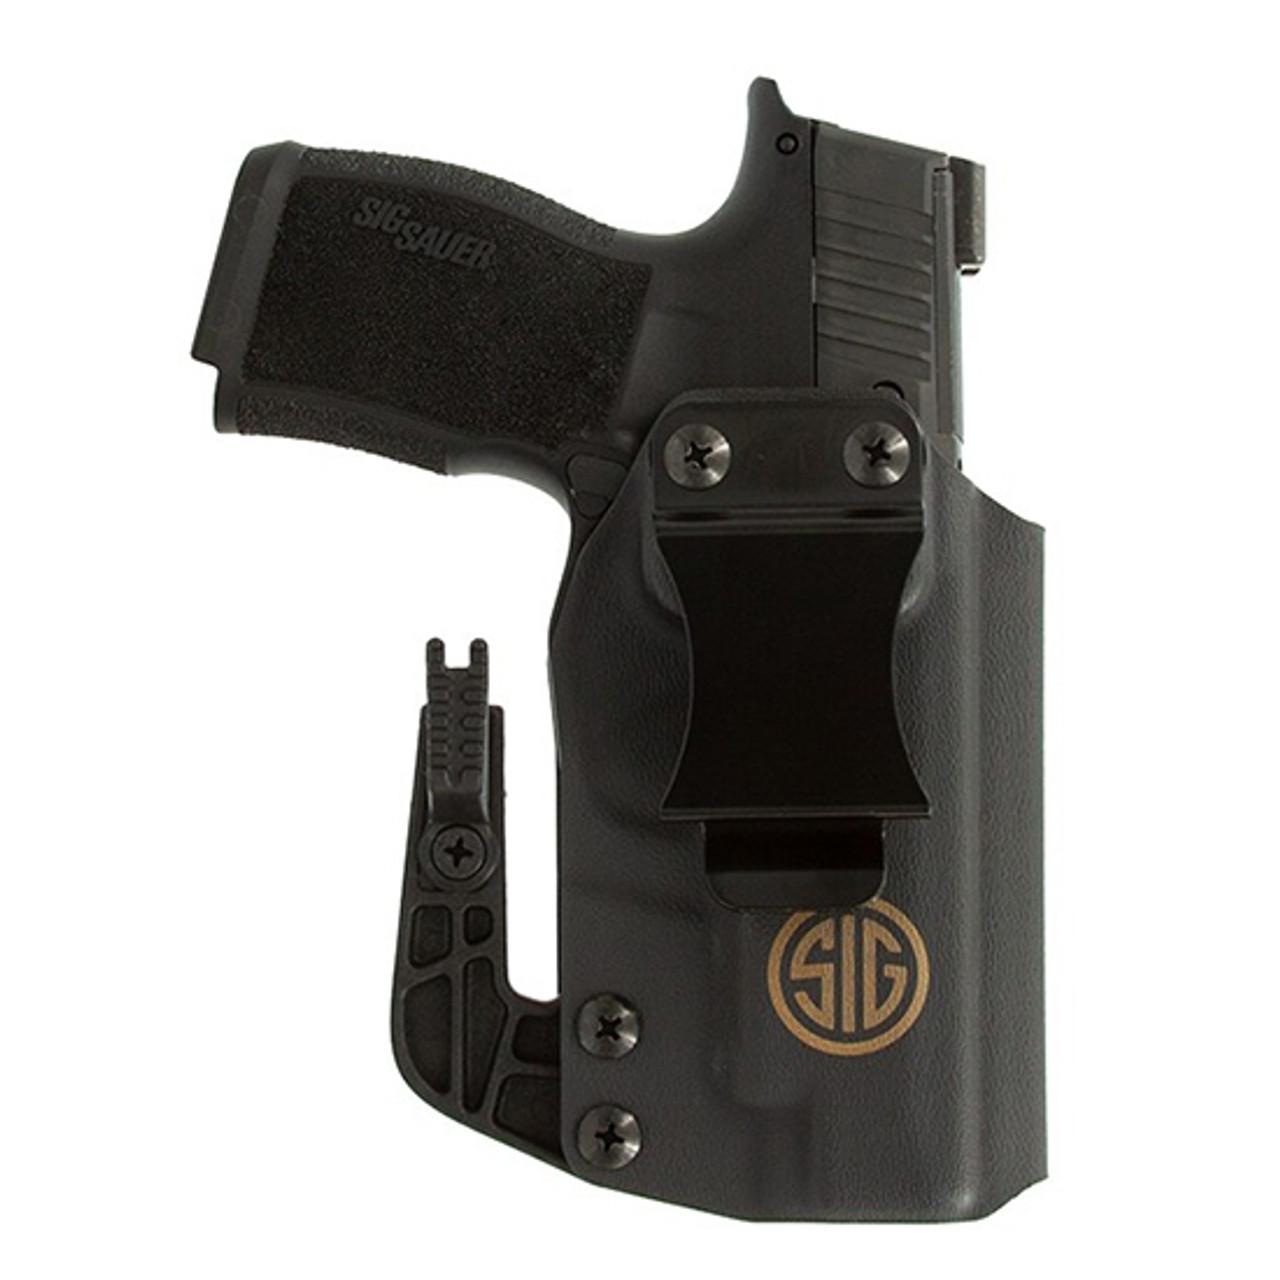 Diamond Back 9mm IWB Dual Snaps Holster R//H Black